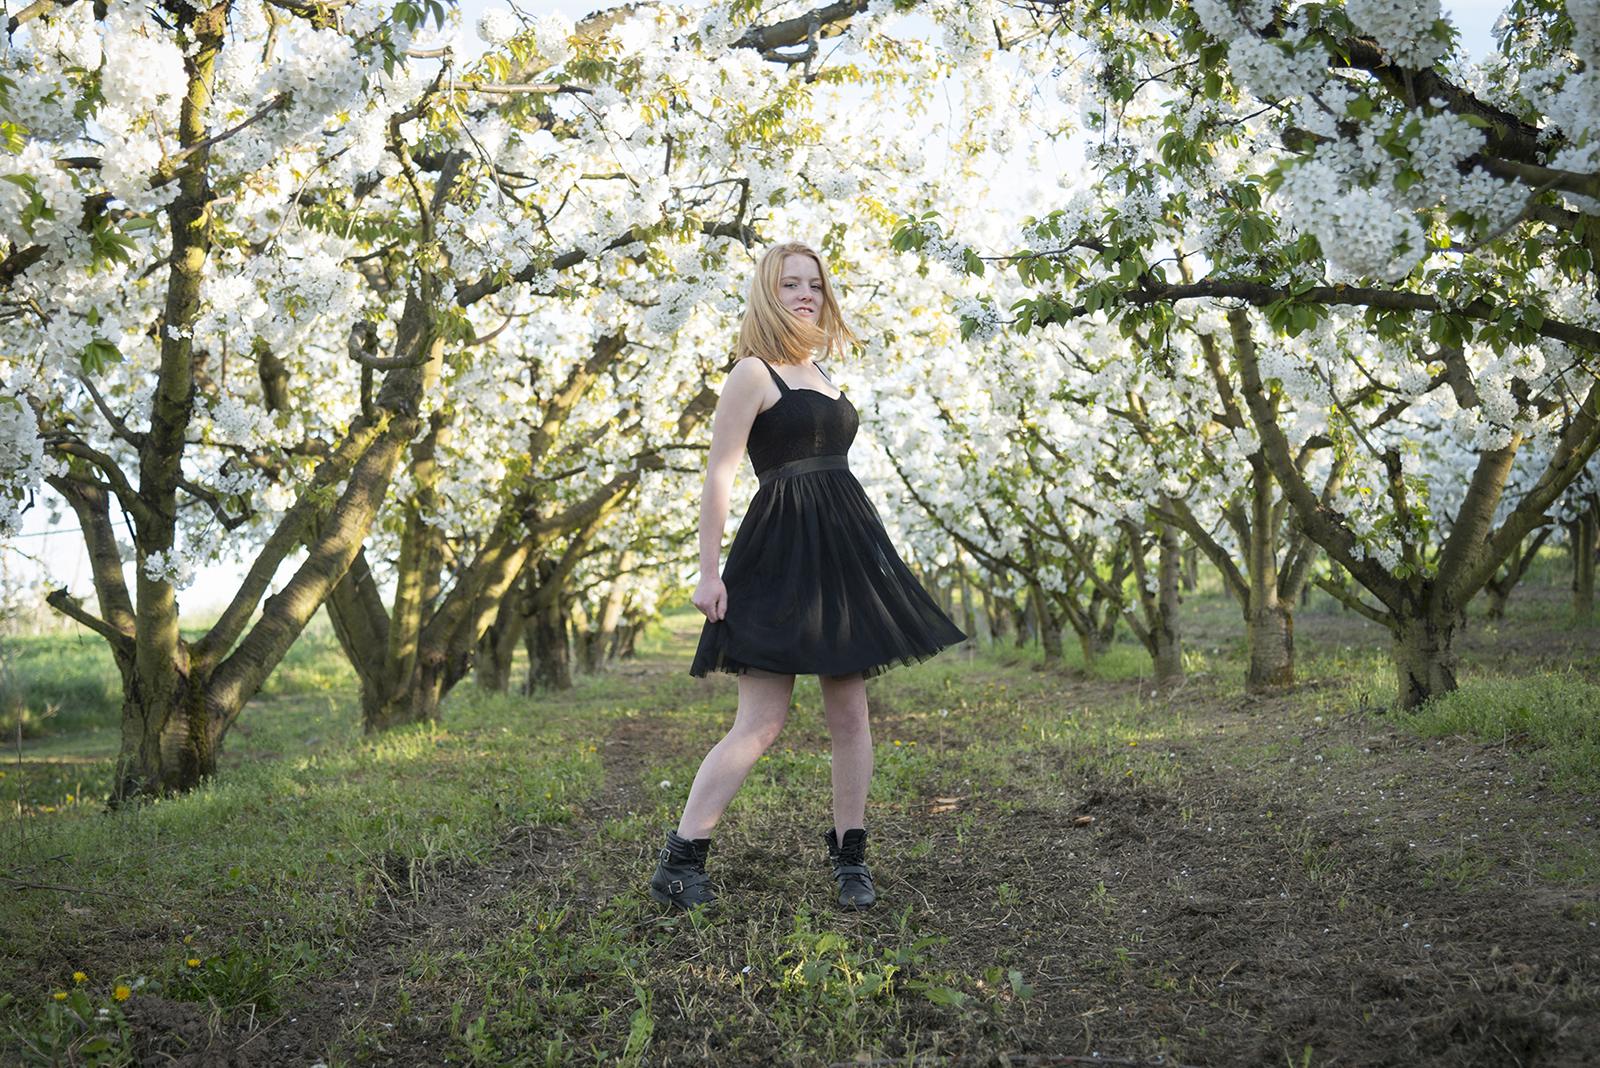 jeune fille dans un cerisier en fleur